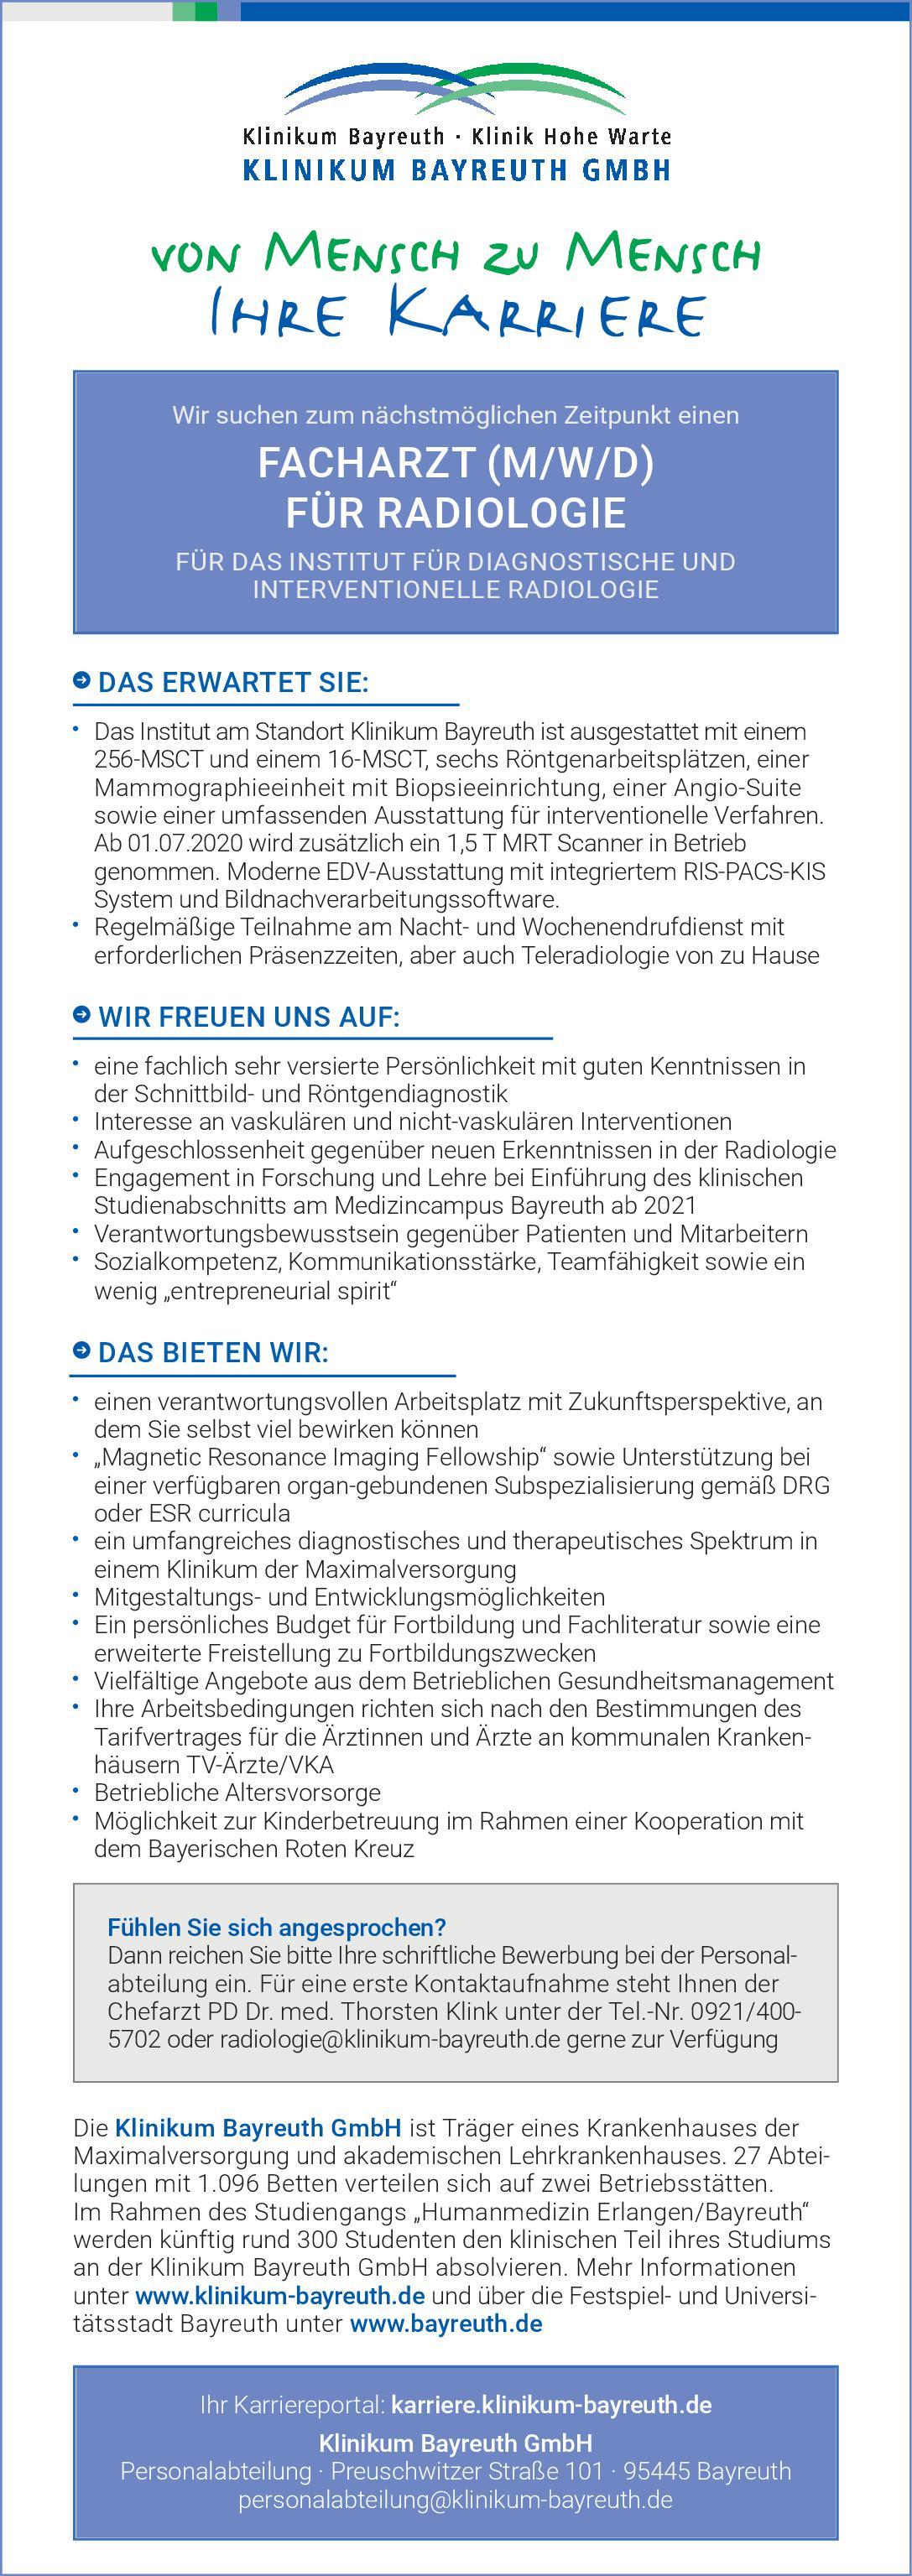 Klinikum Bayreuth GmbH Facharzt (m/w/d) für Radiologie  Radiologie Arzt / Facharzt